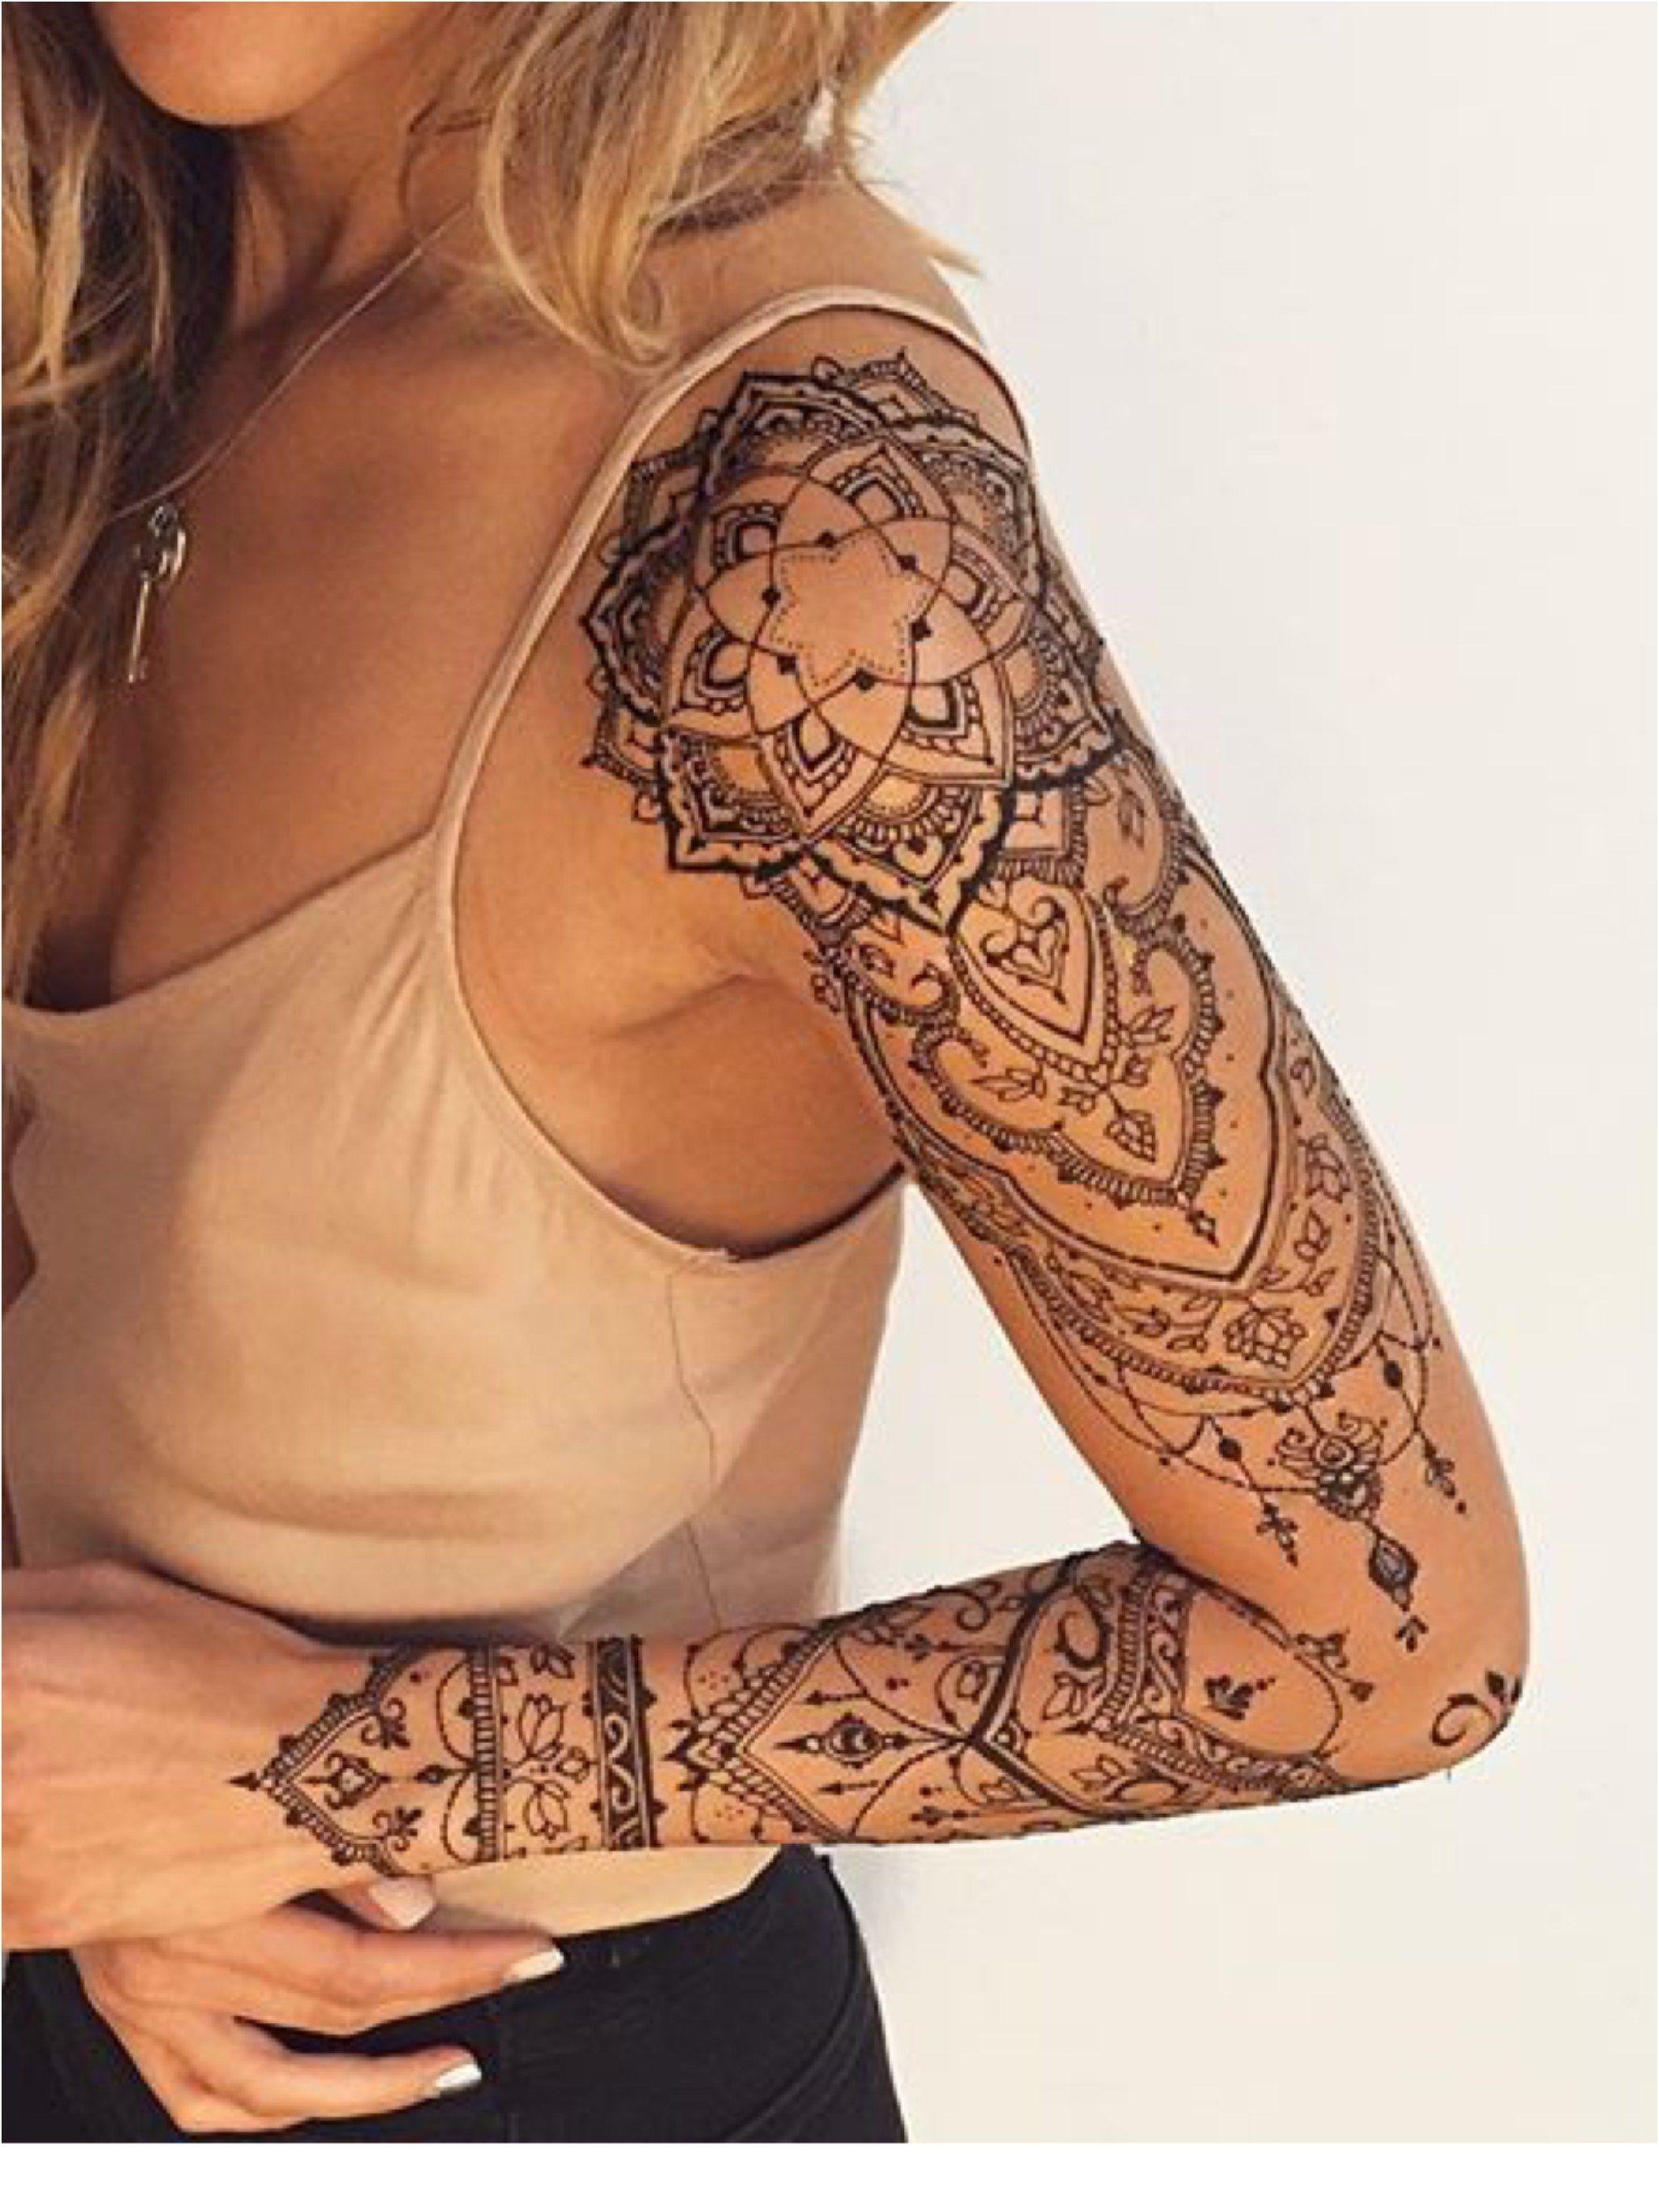 Inner Thigh Tattoos Female Tribal Skull Tattoos Sleeve Tattoos For Boys Tattoo Art Sleeve Tattoos For Women Cool Shoulder Tattoos Shoulder Tattoos For Women